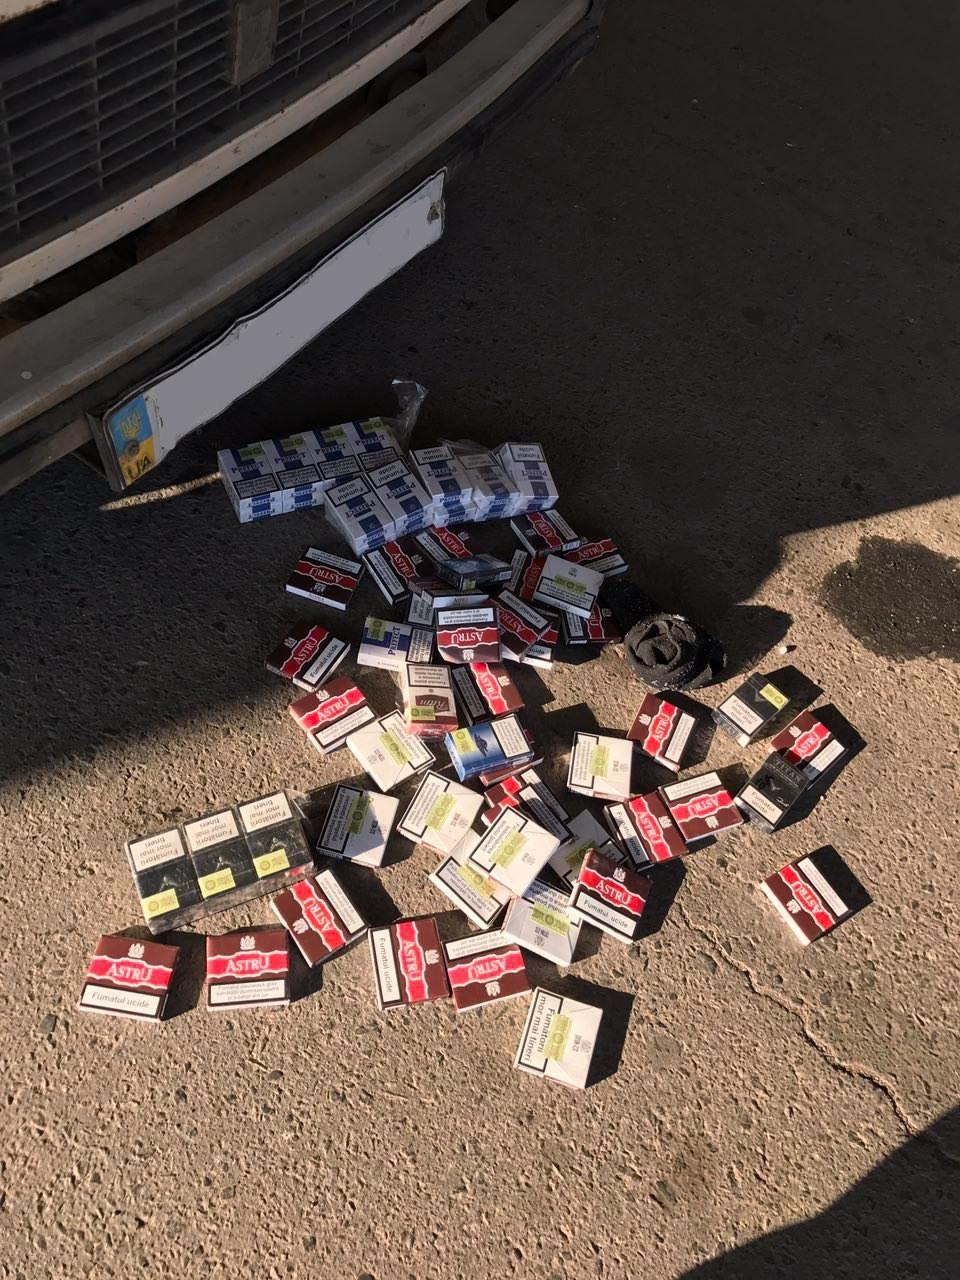 20427361_332601410517236_1753302373_o Не перехитрил: из-за 89 пачек контрабандных сигарет гражданин Молдовы оставил автомобиль